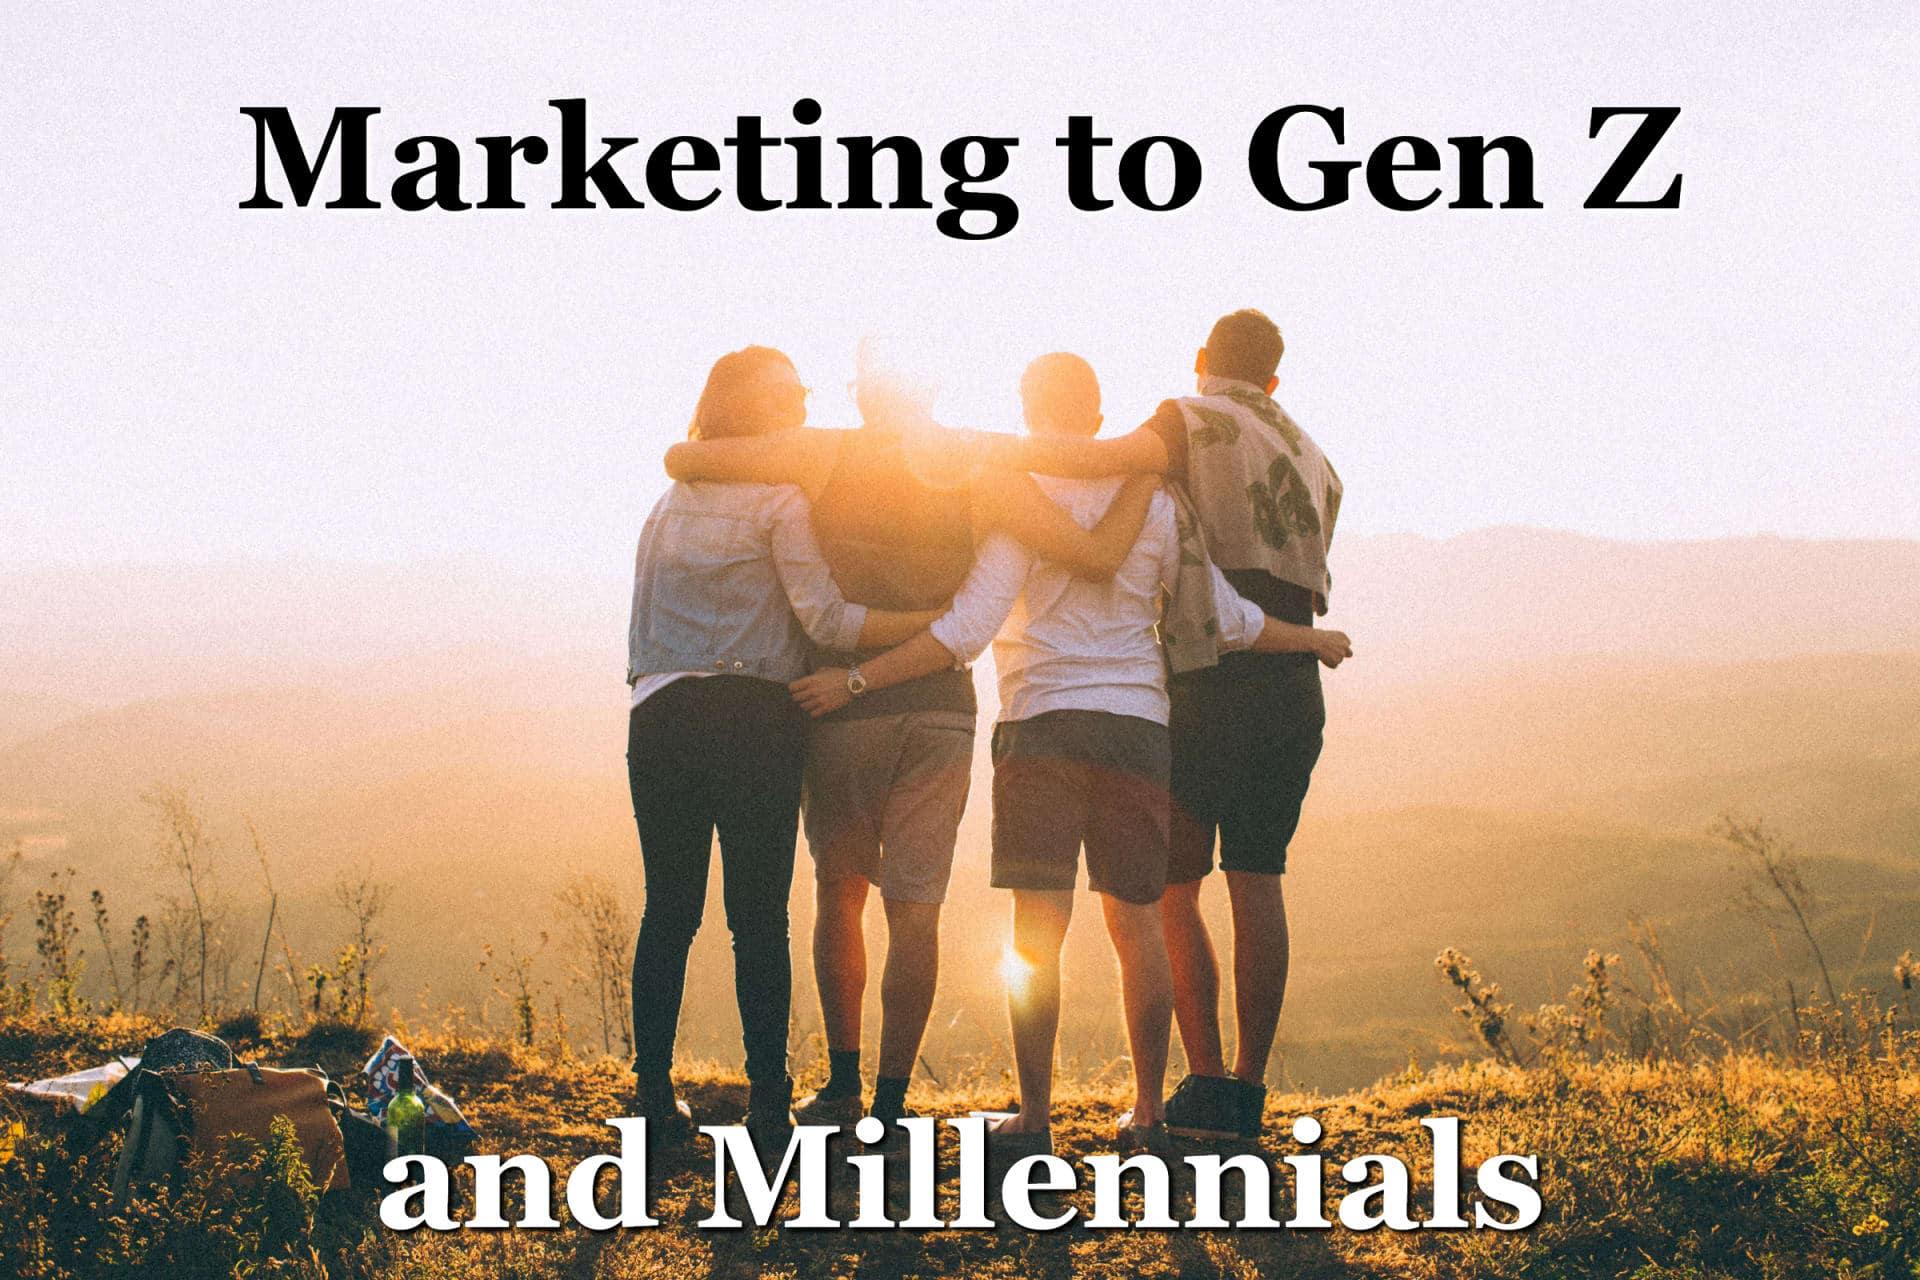 A group of Gen Z and Millennials